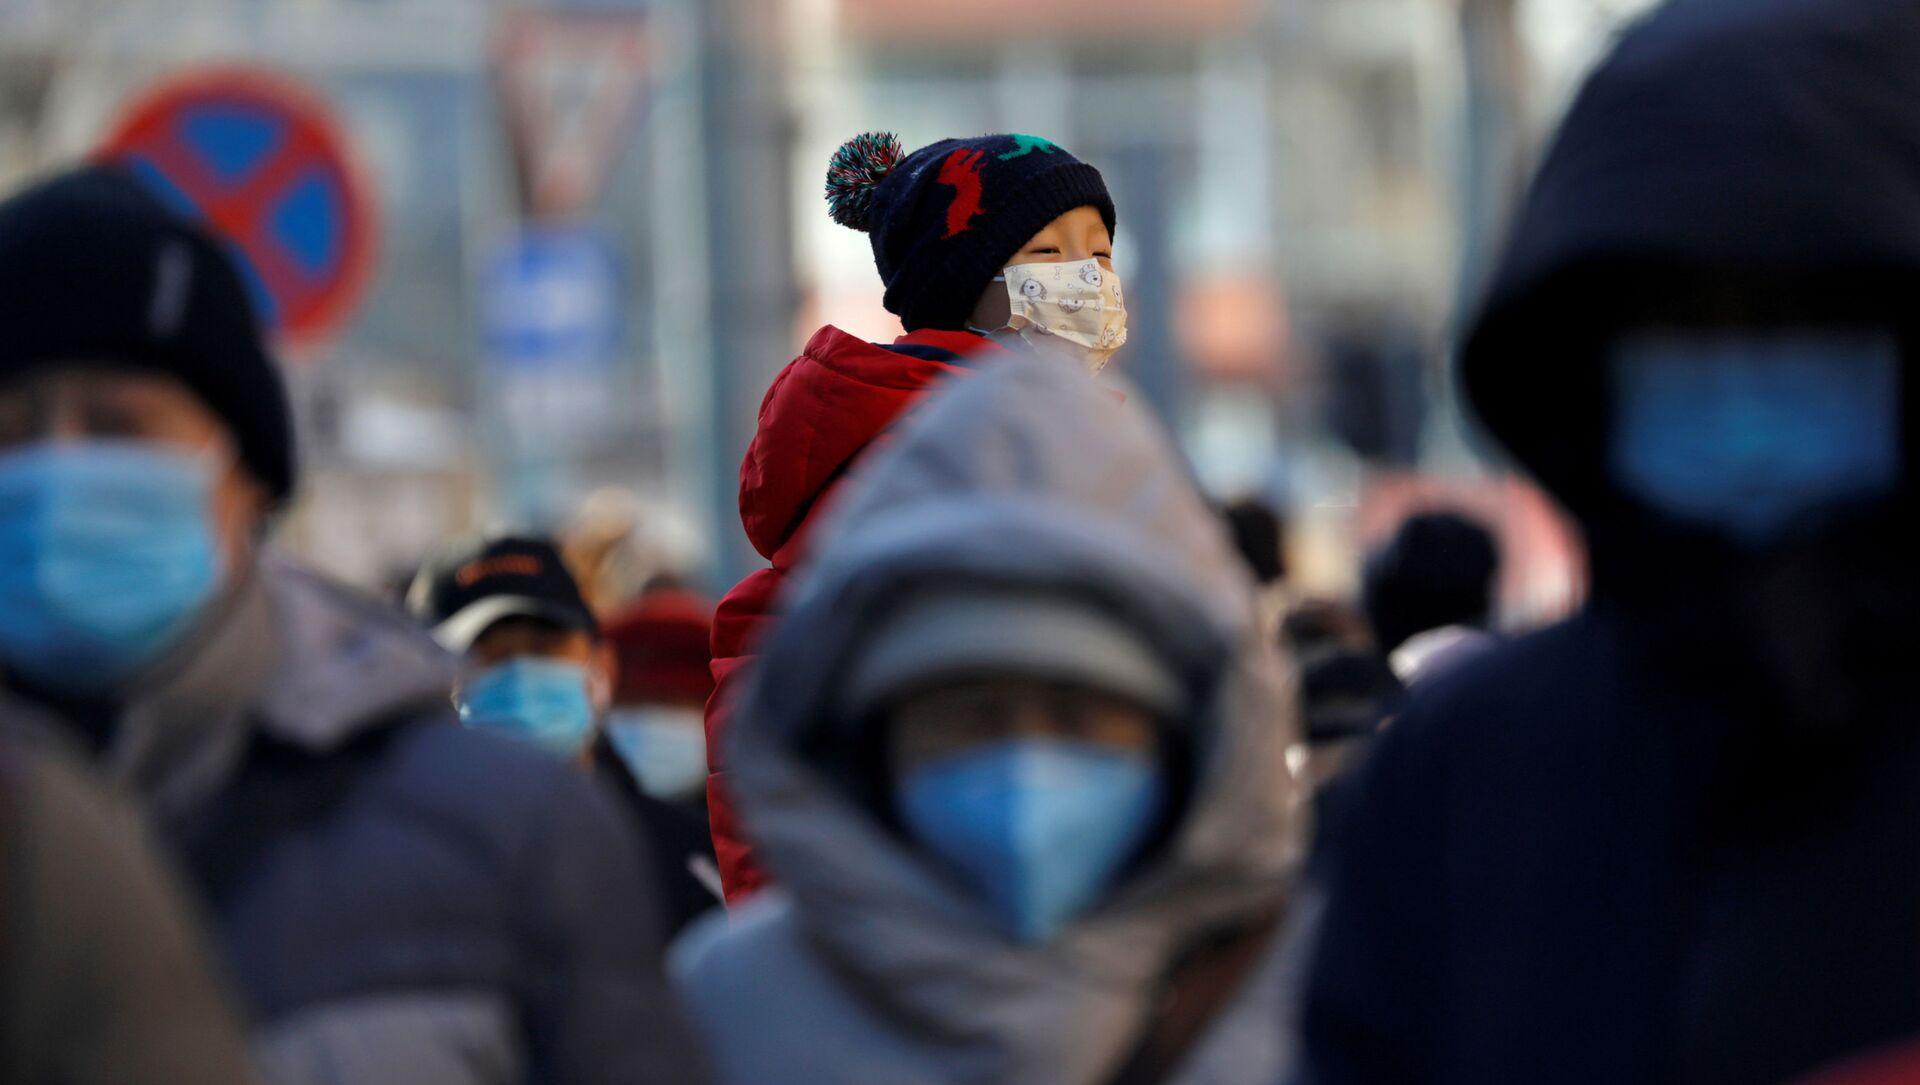 Unas personas con mascarillas en China, referencial - Sputnik Mundo, 1920, 11.01.2021